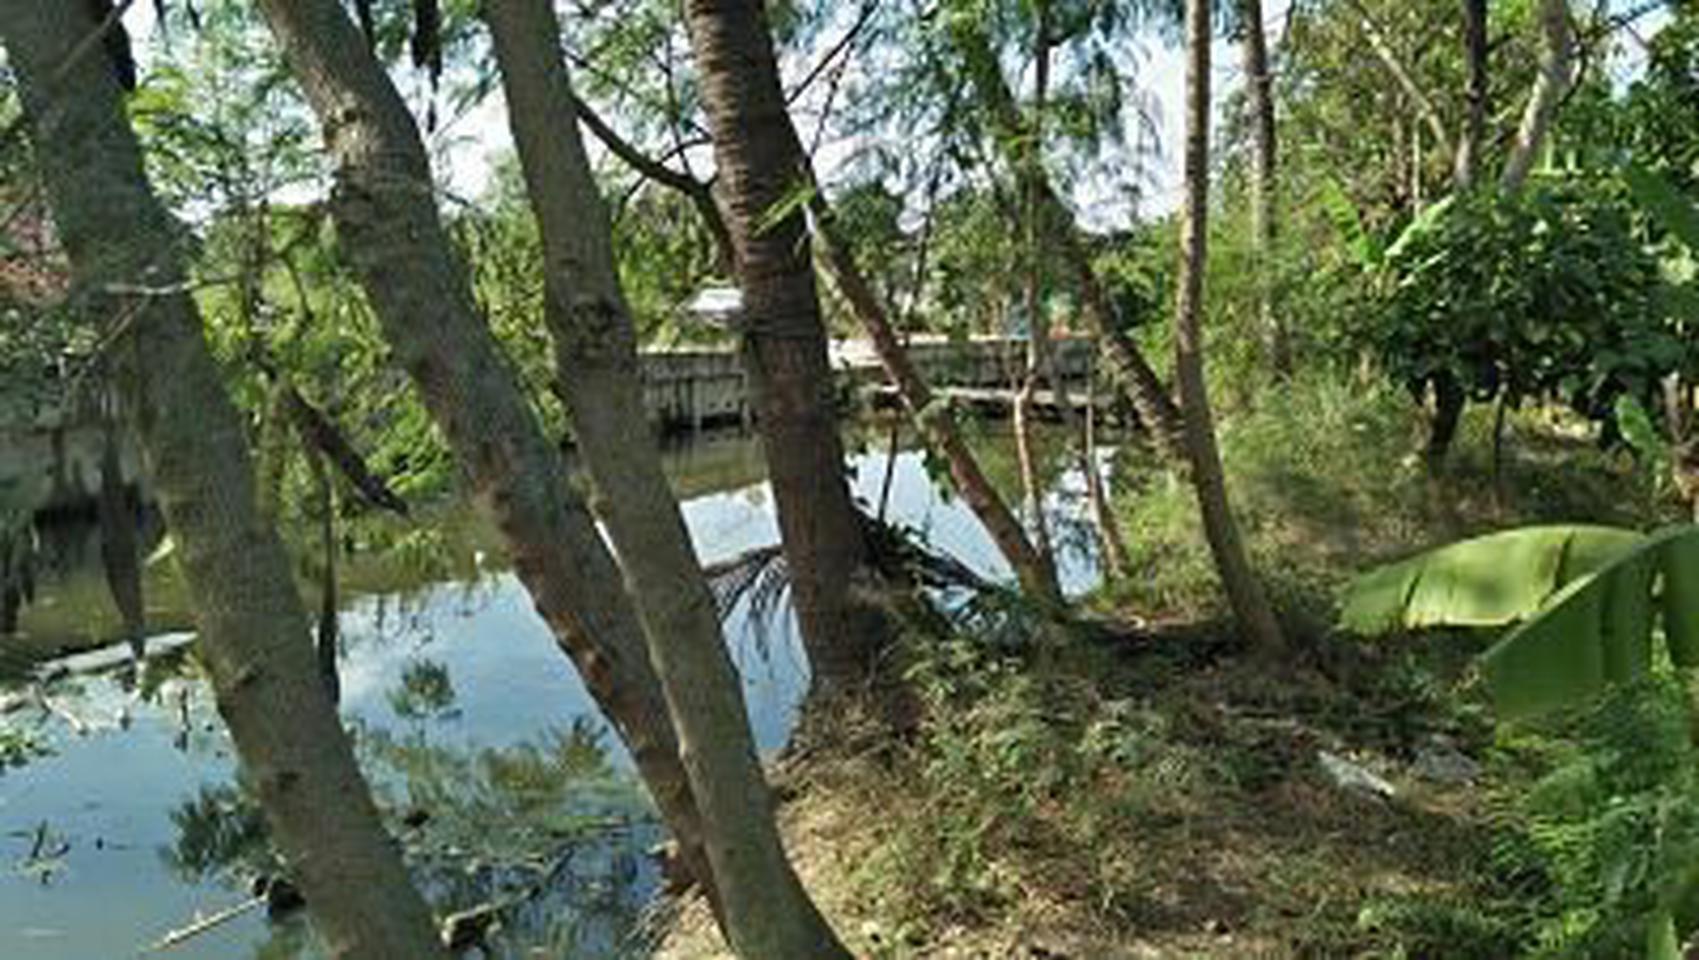 ที่ดินสวนป่าธรรมชาติติดลำคลอง ร่มรื่น บรรยากาศชานเมือง โฉนด  รูปที่ 5